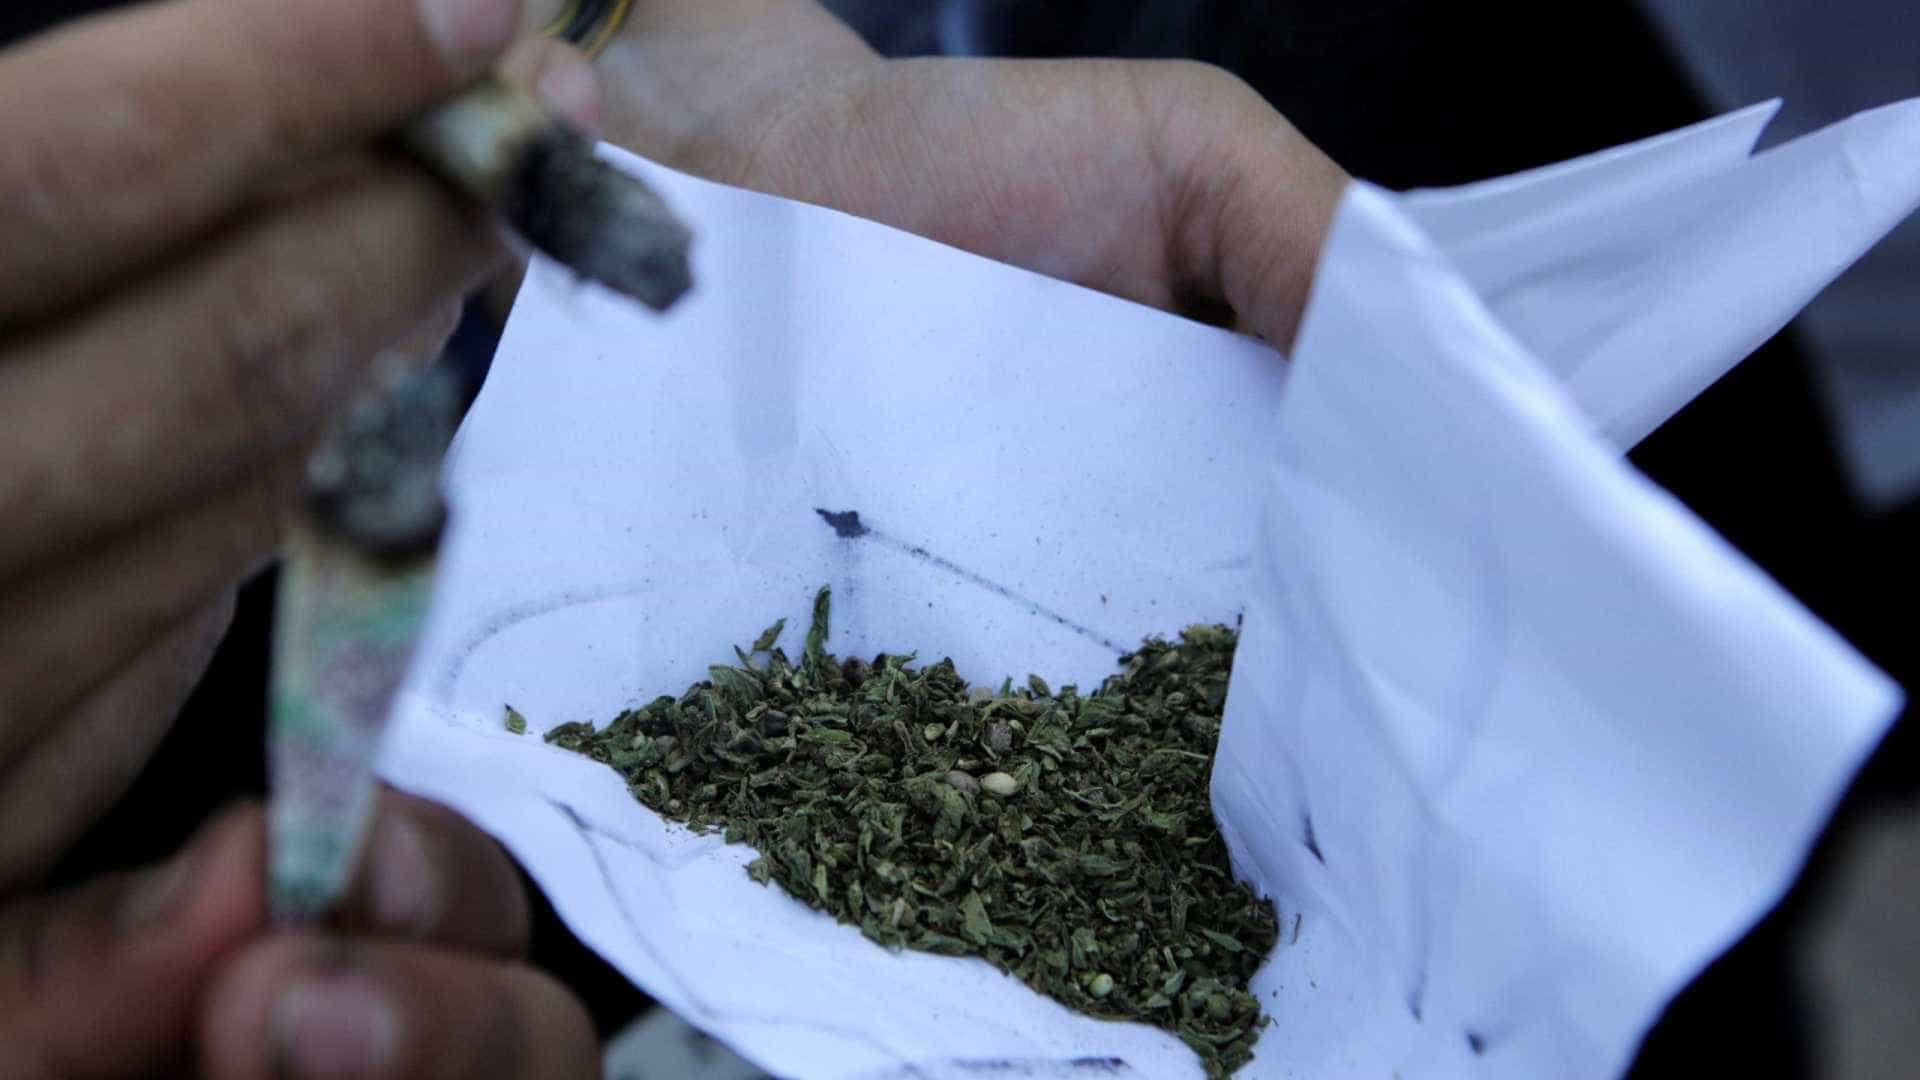 Estudo contesta uso de maconha no tratamento da dependência de cocaína